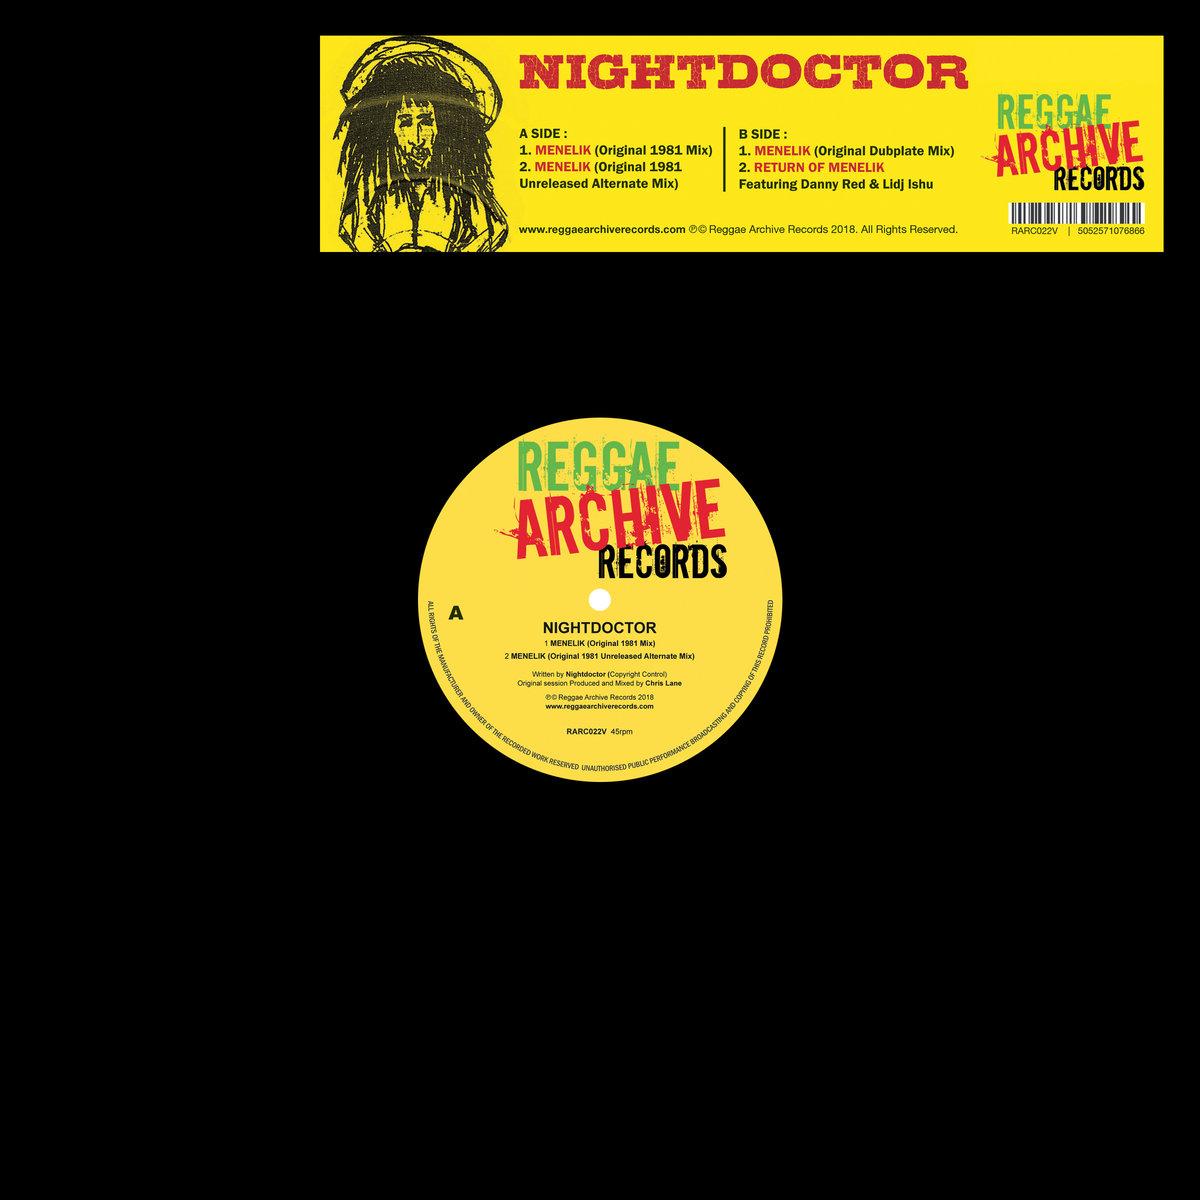 Menelik | Reggae Archive Records